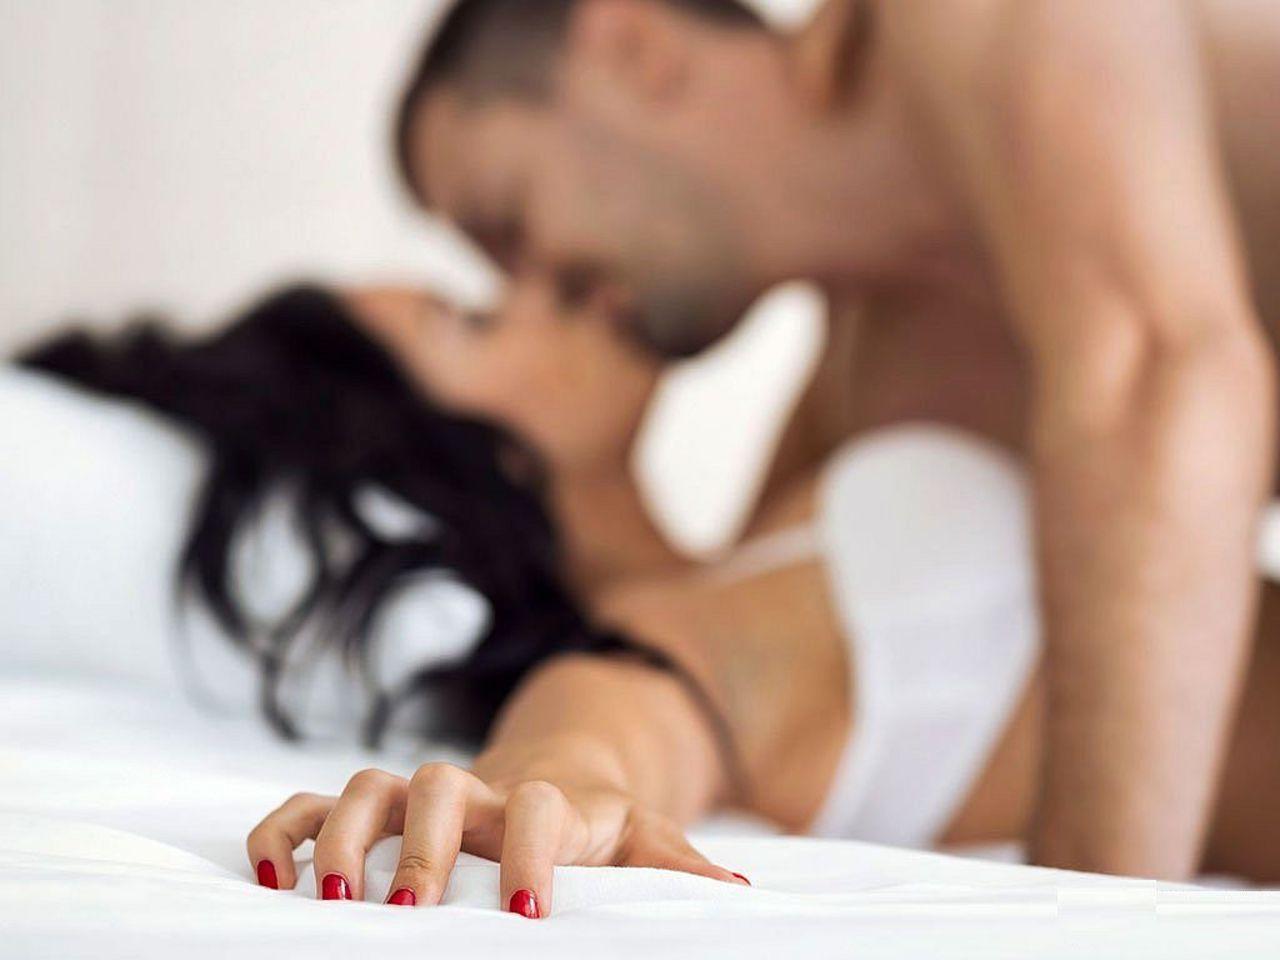 Чем полезен утренний секс: 5 основных аргументов